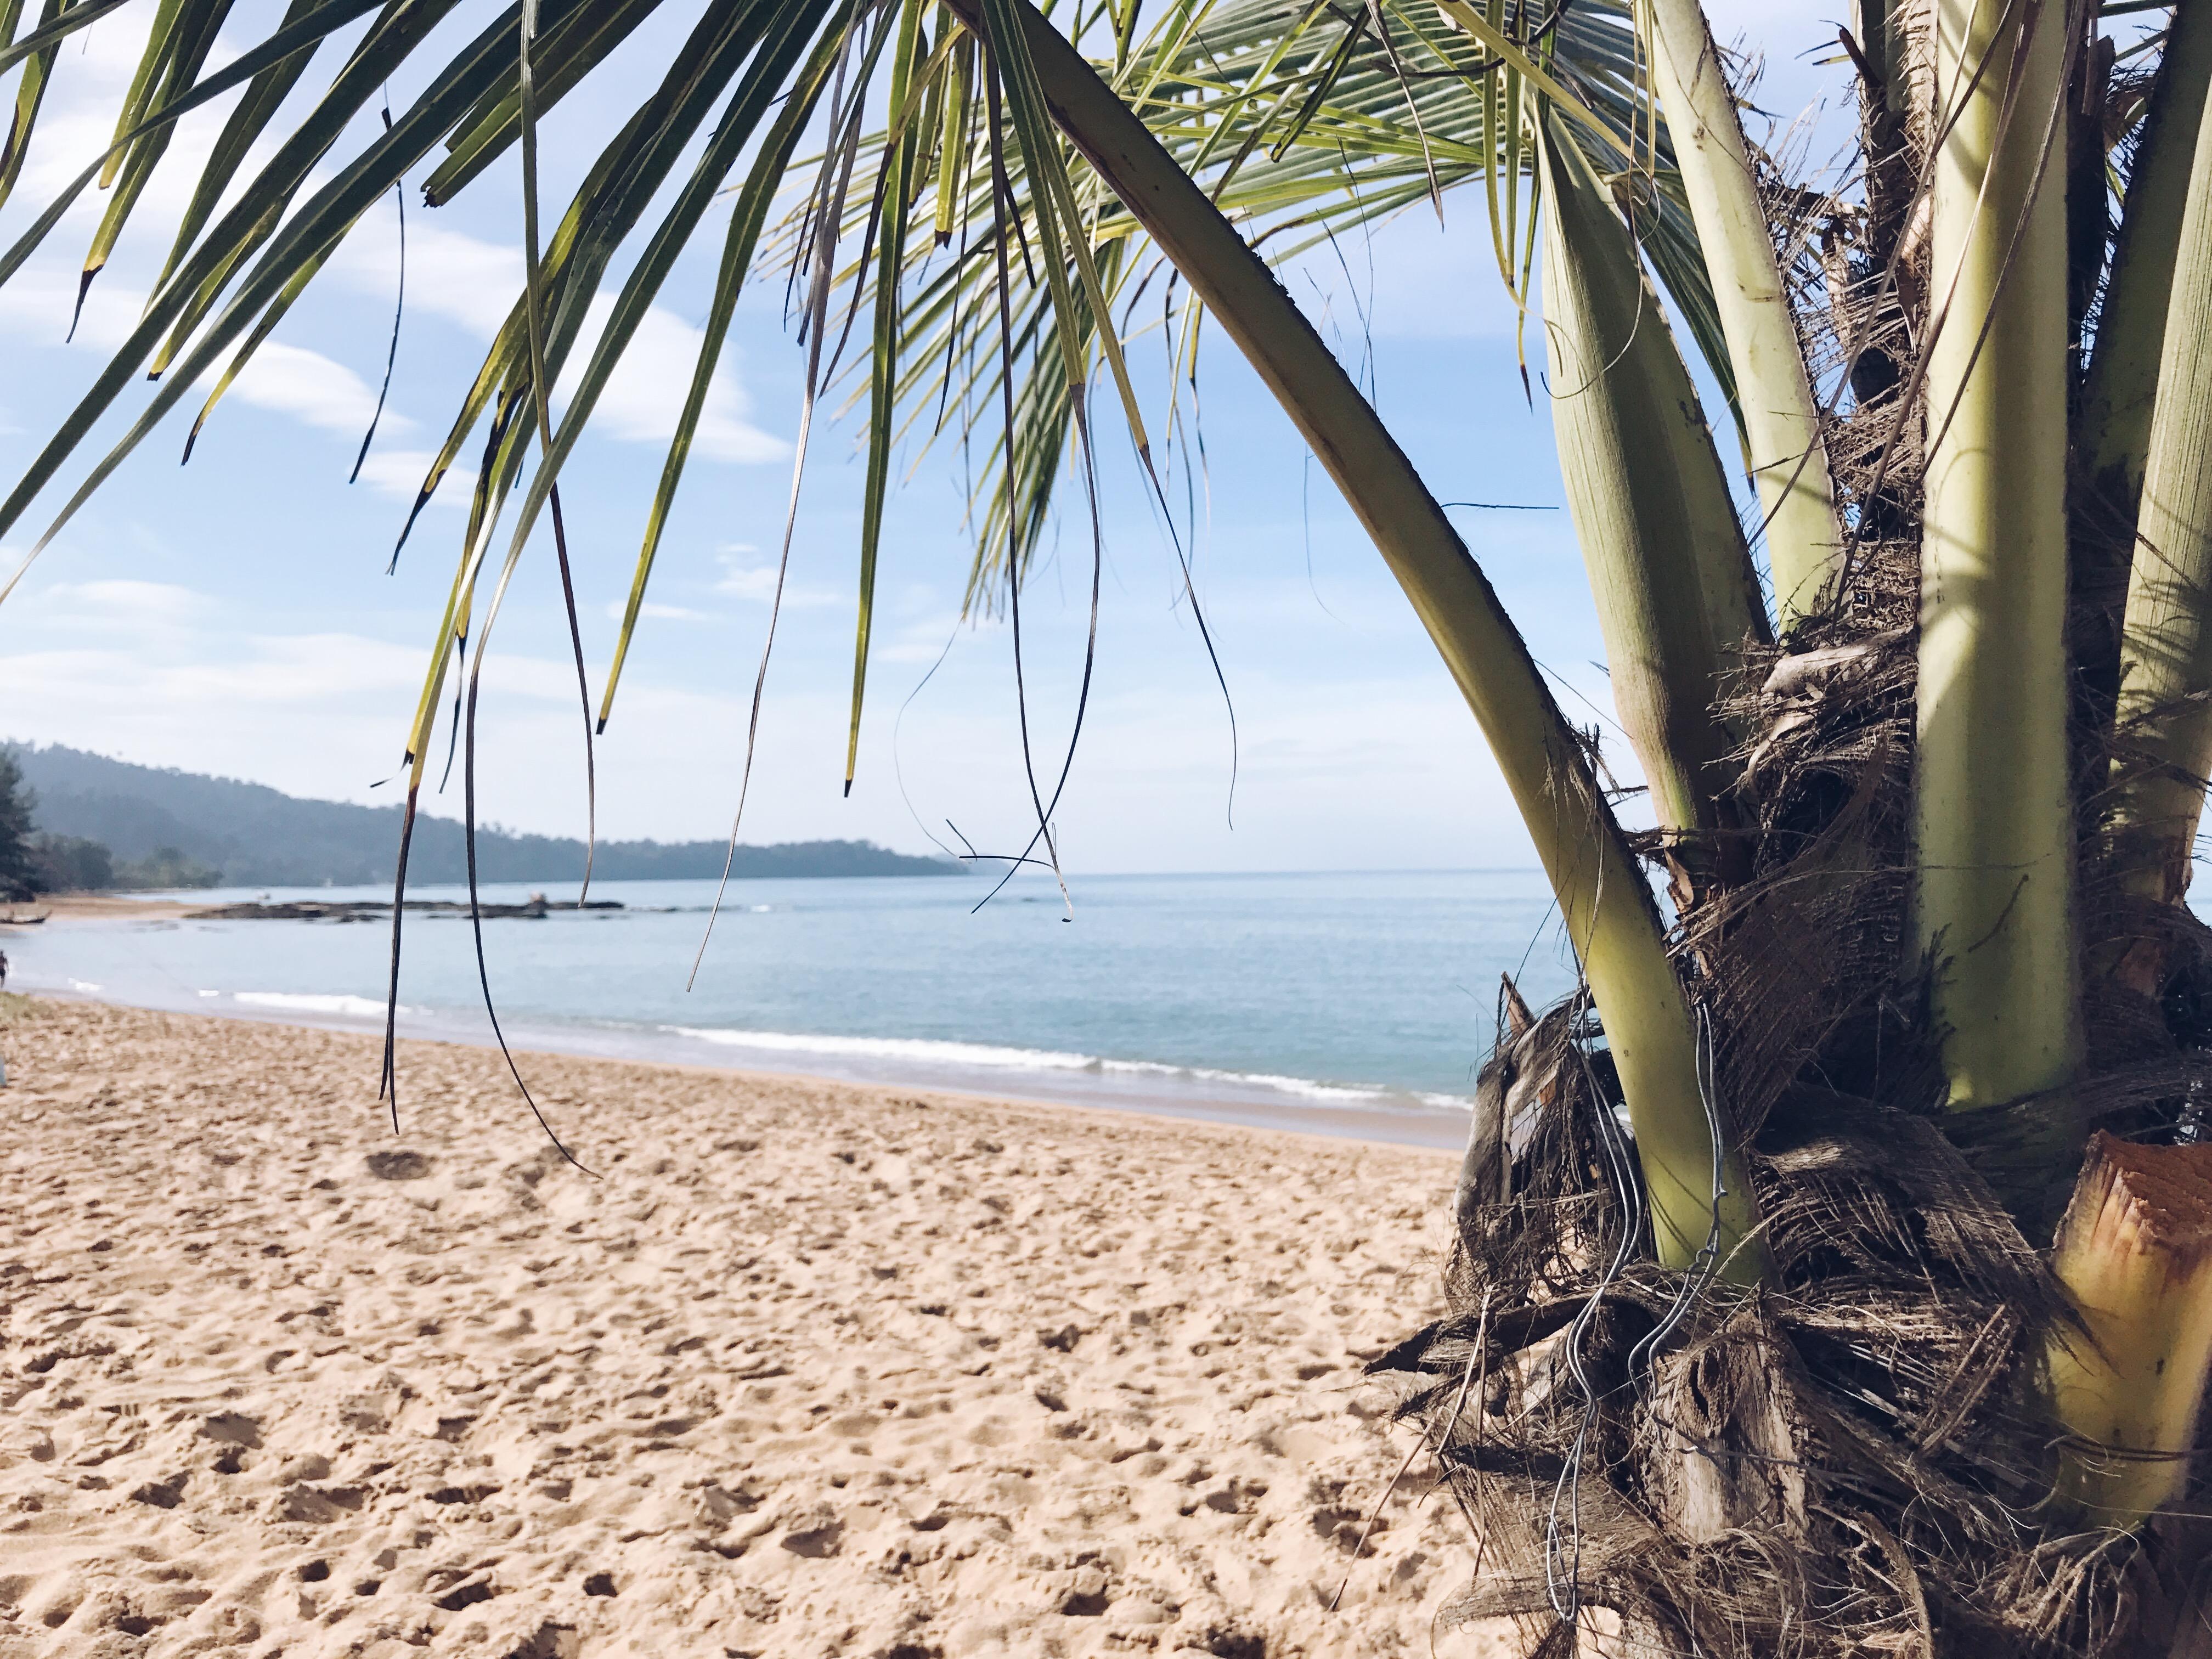 Återblick 2016, förlovning, amandahans, skönhetsblogg, förlovad, engaged, skönhetsbloggare, amanadhans landskrona, thailand